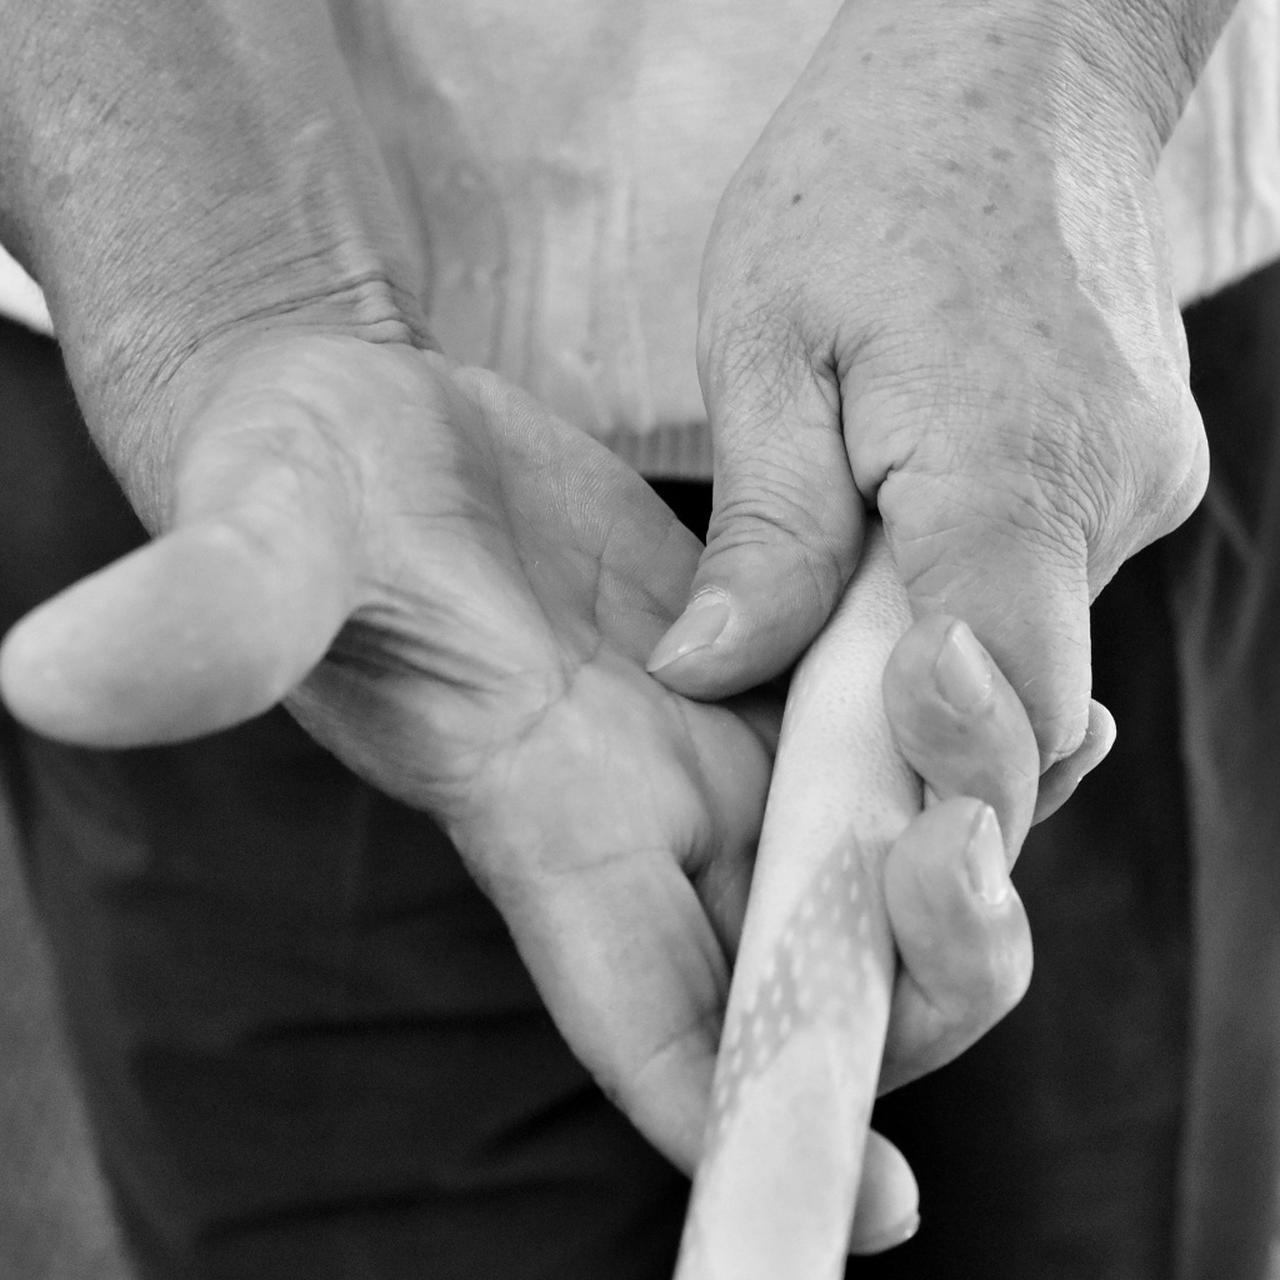 画像: 右手をゆるゆるに握って手首をやわらかく、ポヨヨンと打つんやで